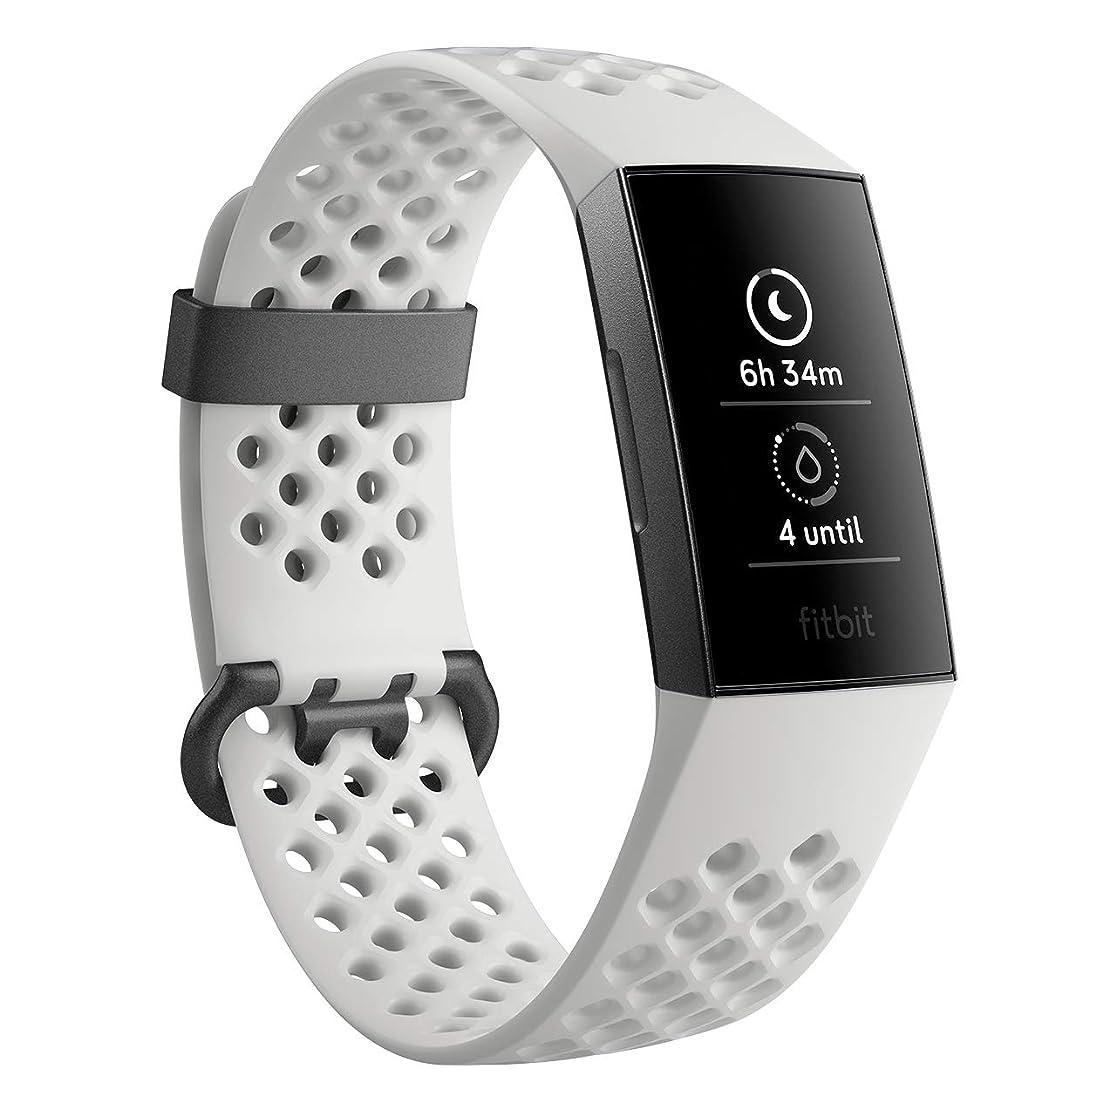 誘発する報酬取得するFitbit Charge3 フィットネストラッカー White Sports Band/Graphite L/Sサイズ スペシャルエディション [日本正規品] FB410RGLV-CJK